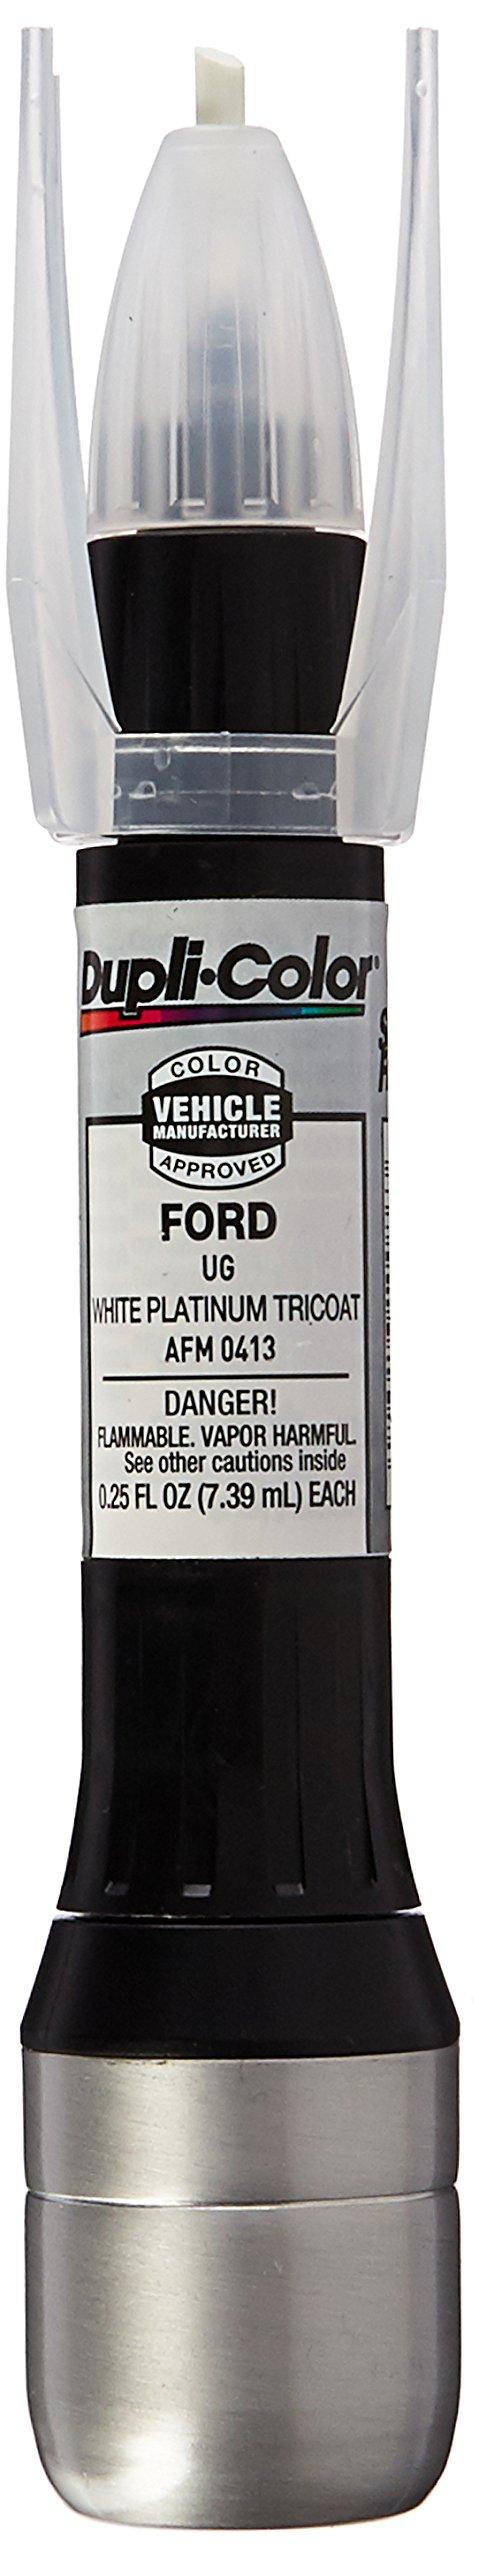 Dupli-Color EAFM04130 White Exact-Match Automotive Touch-Up Paint